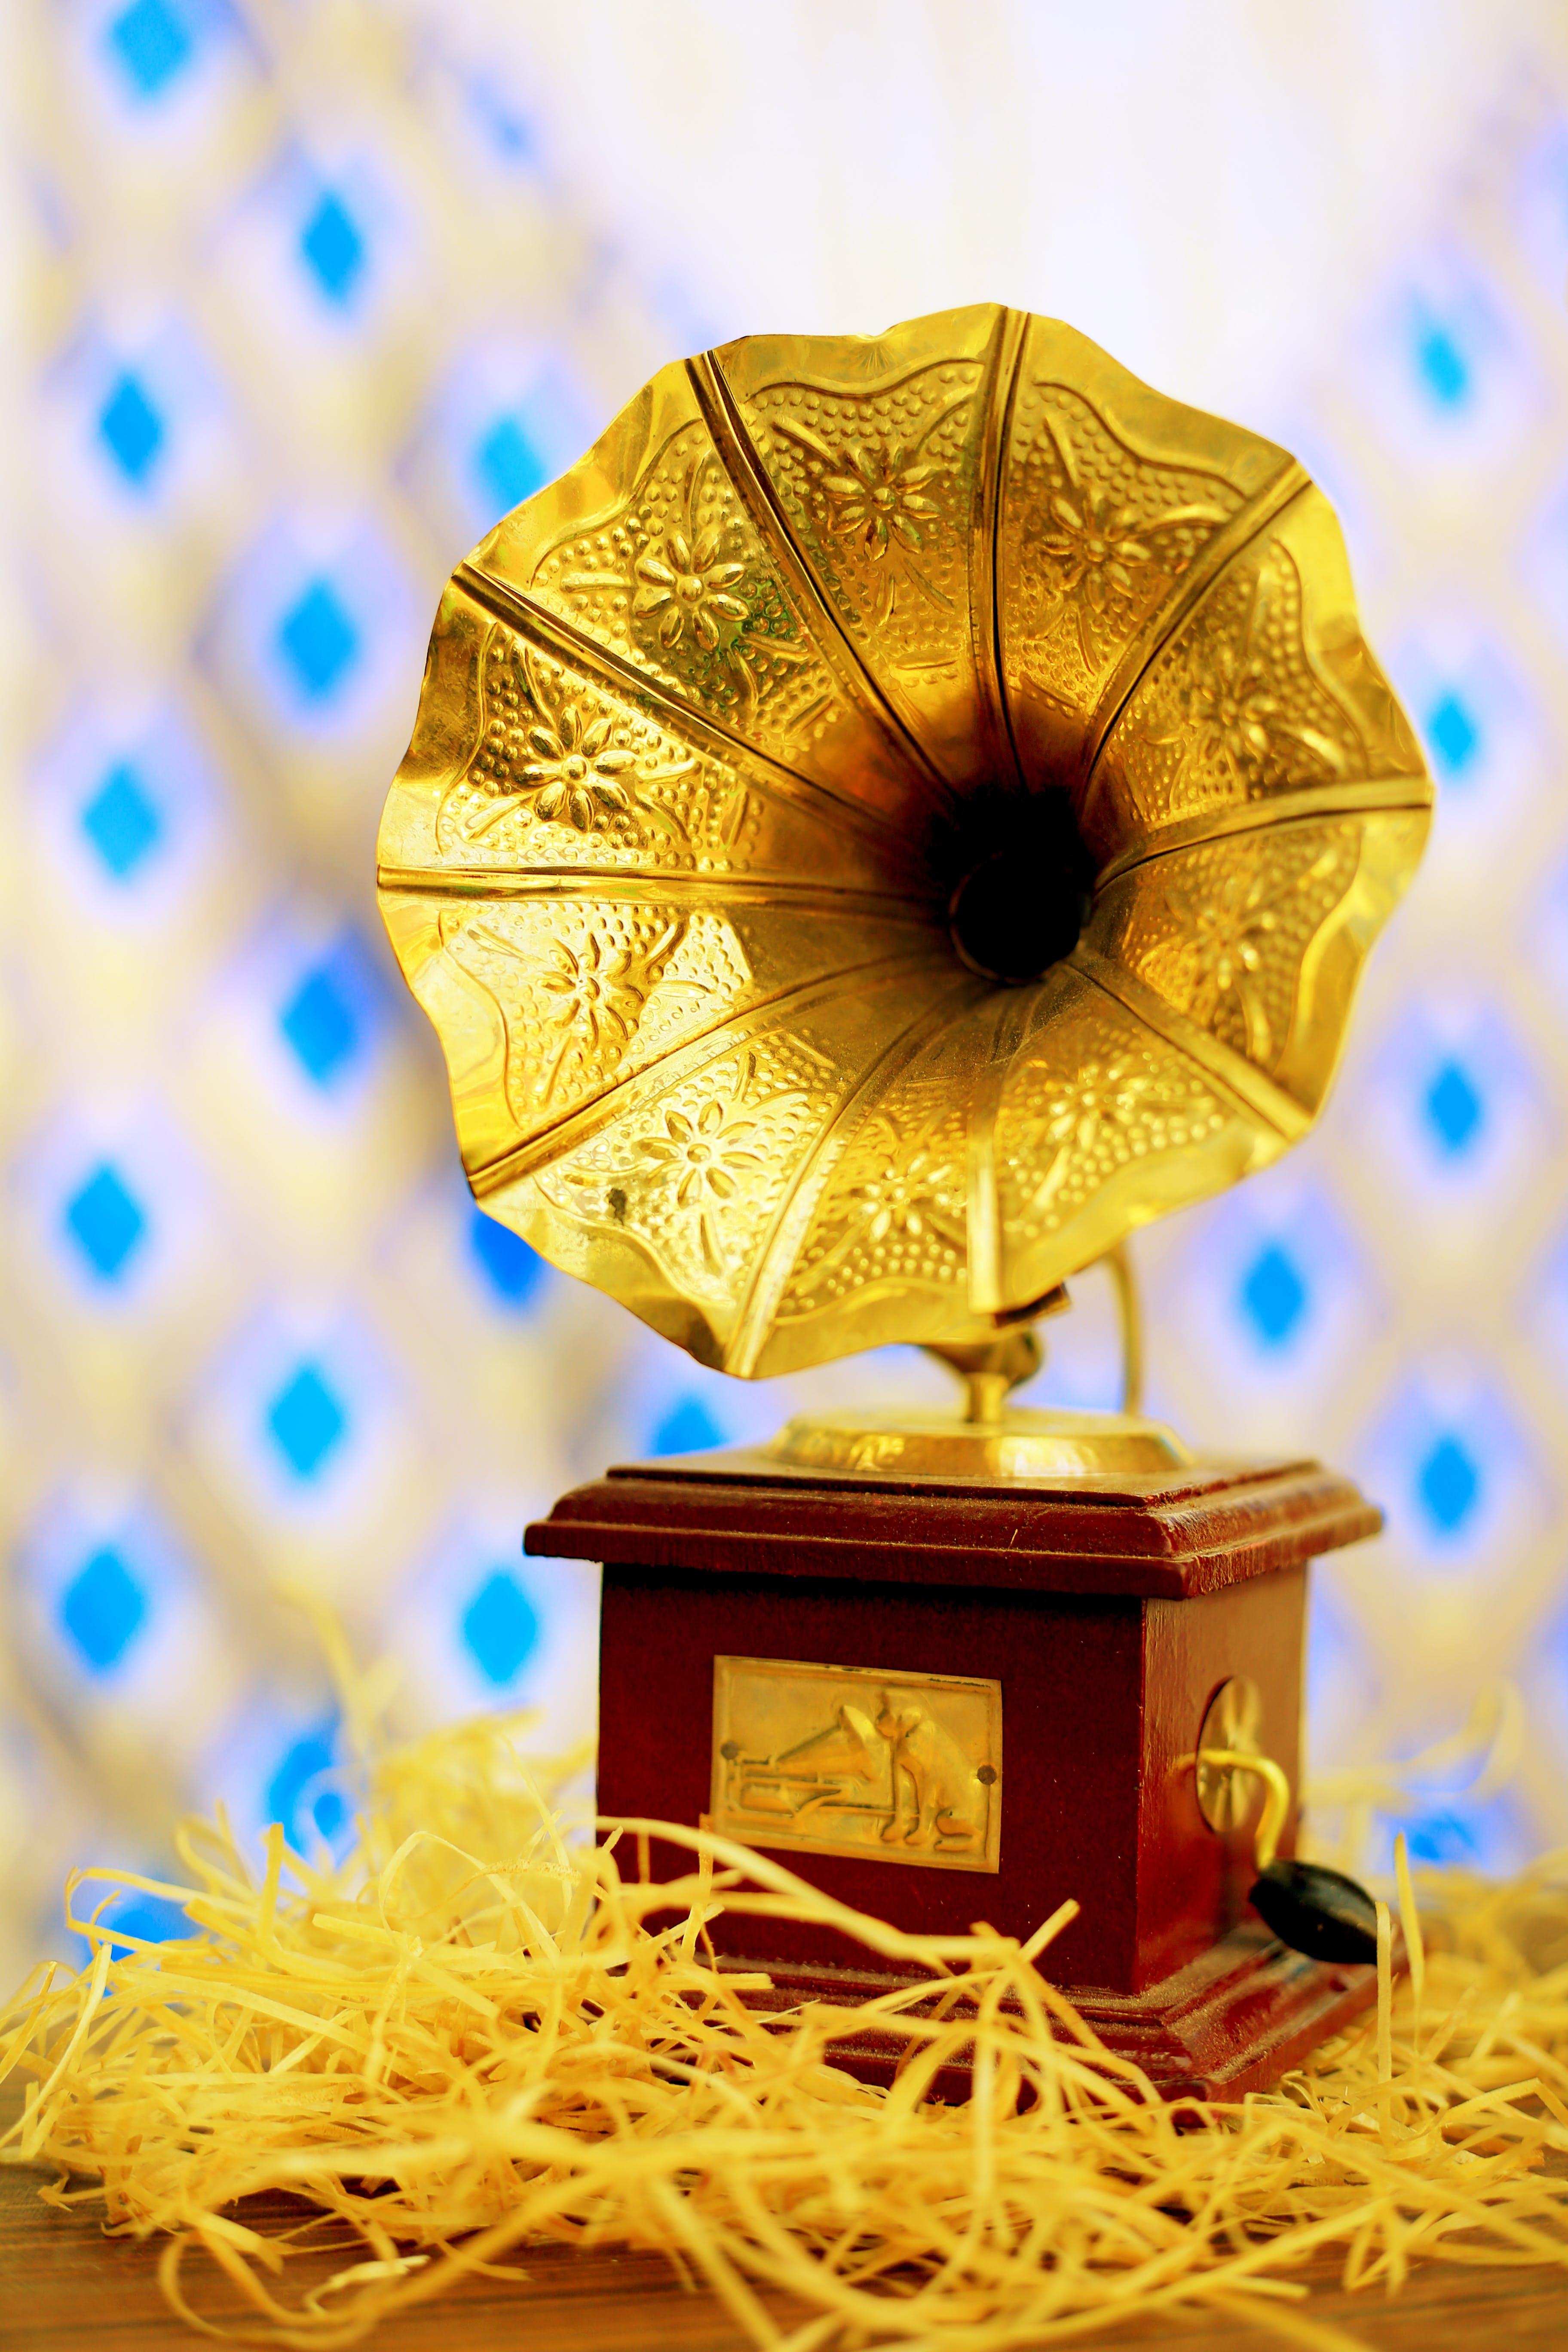 Gratis arkivbilde med grammofon, gyllen, musikk instrument